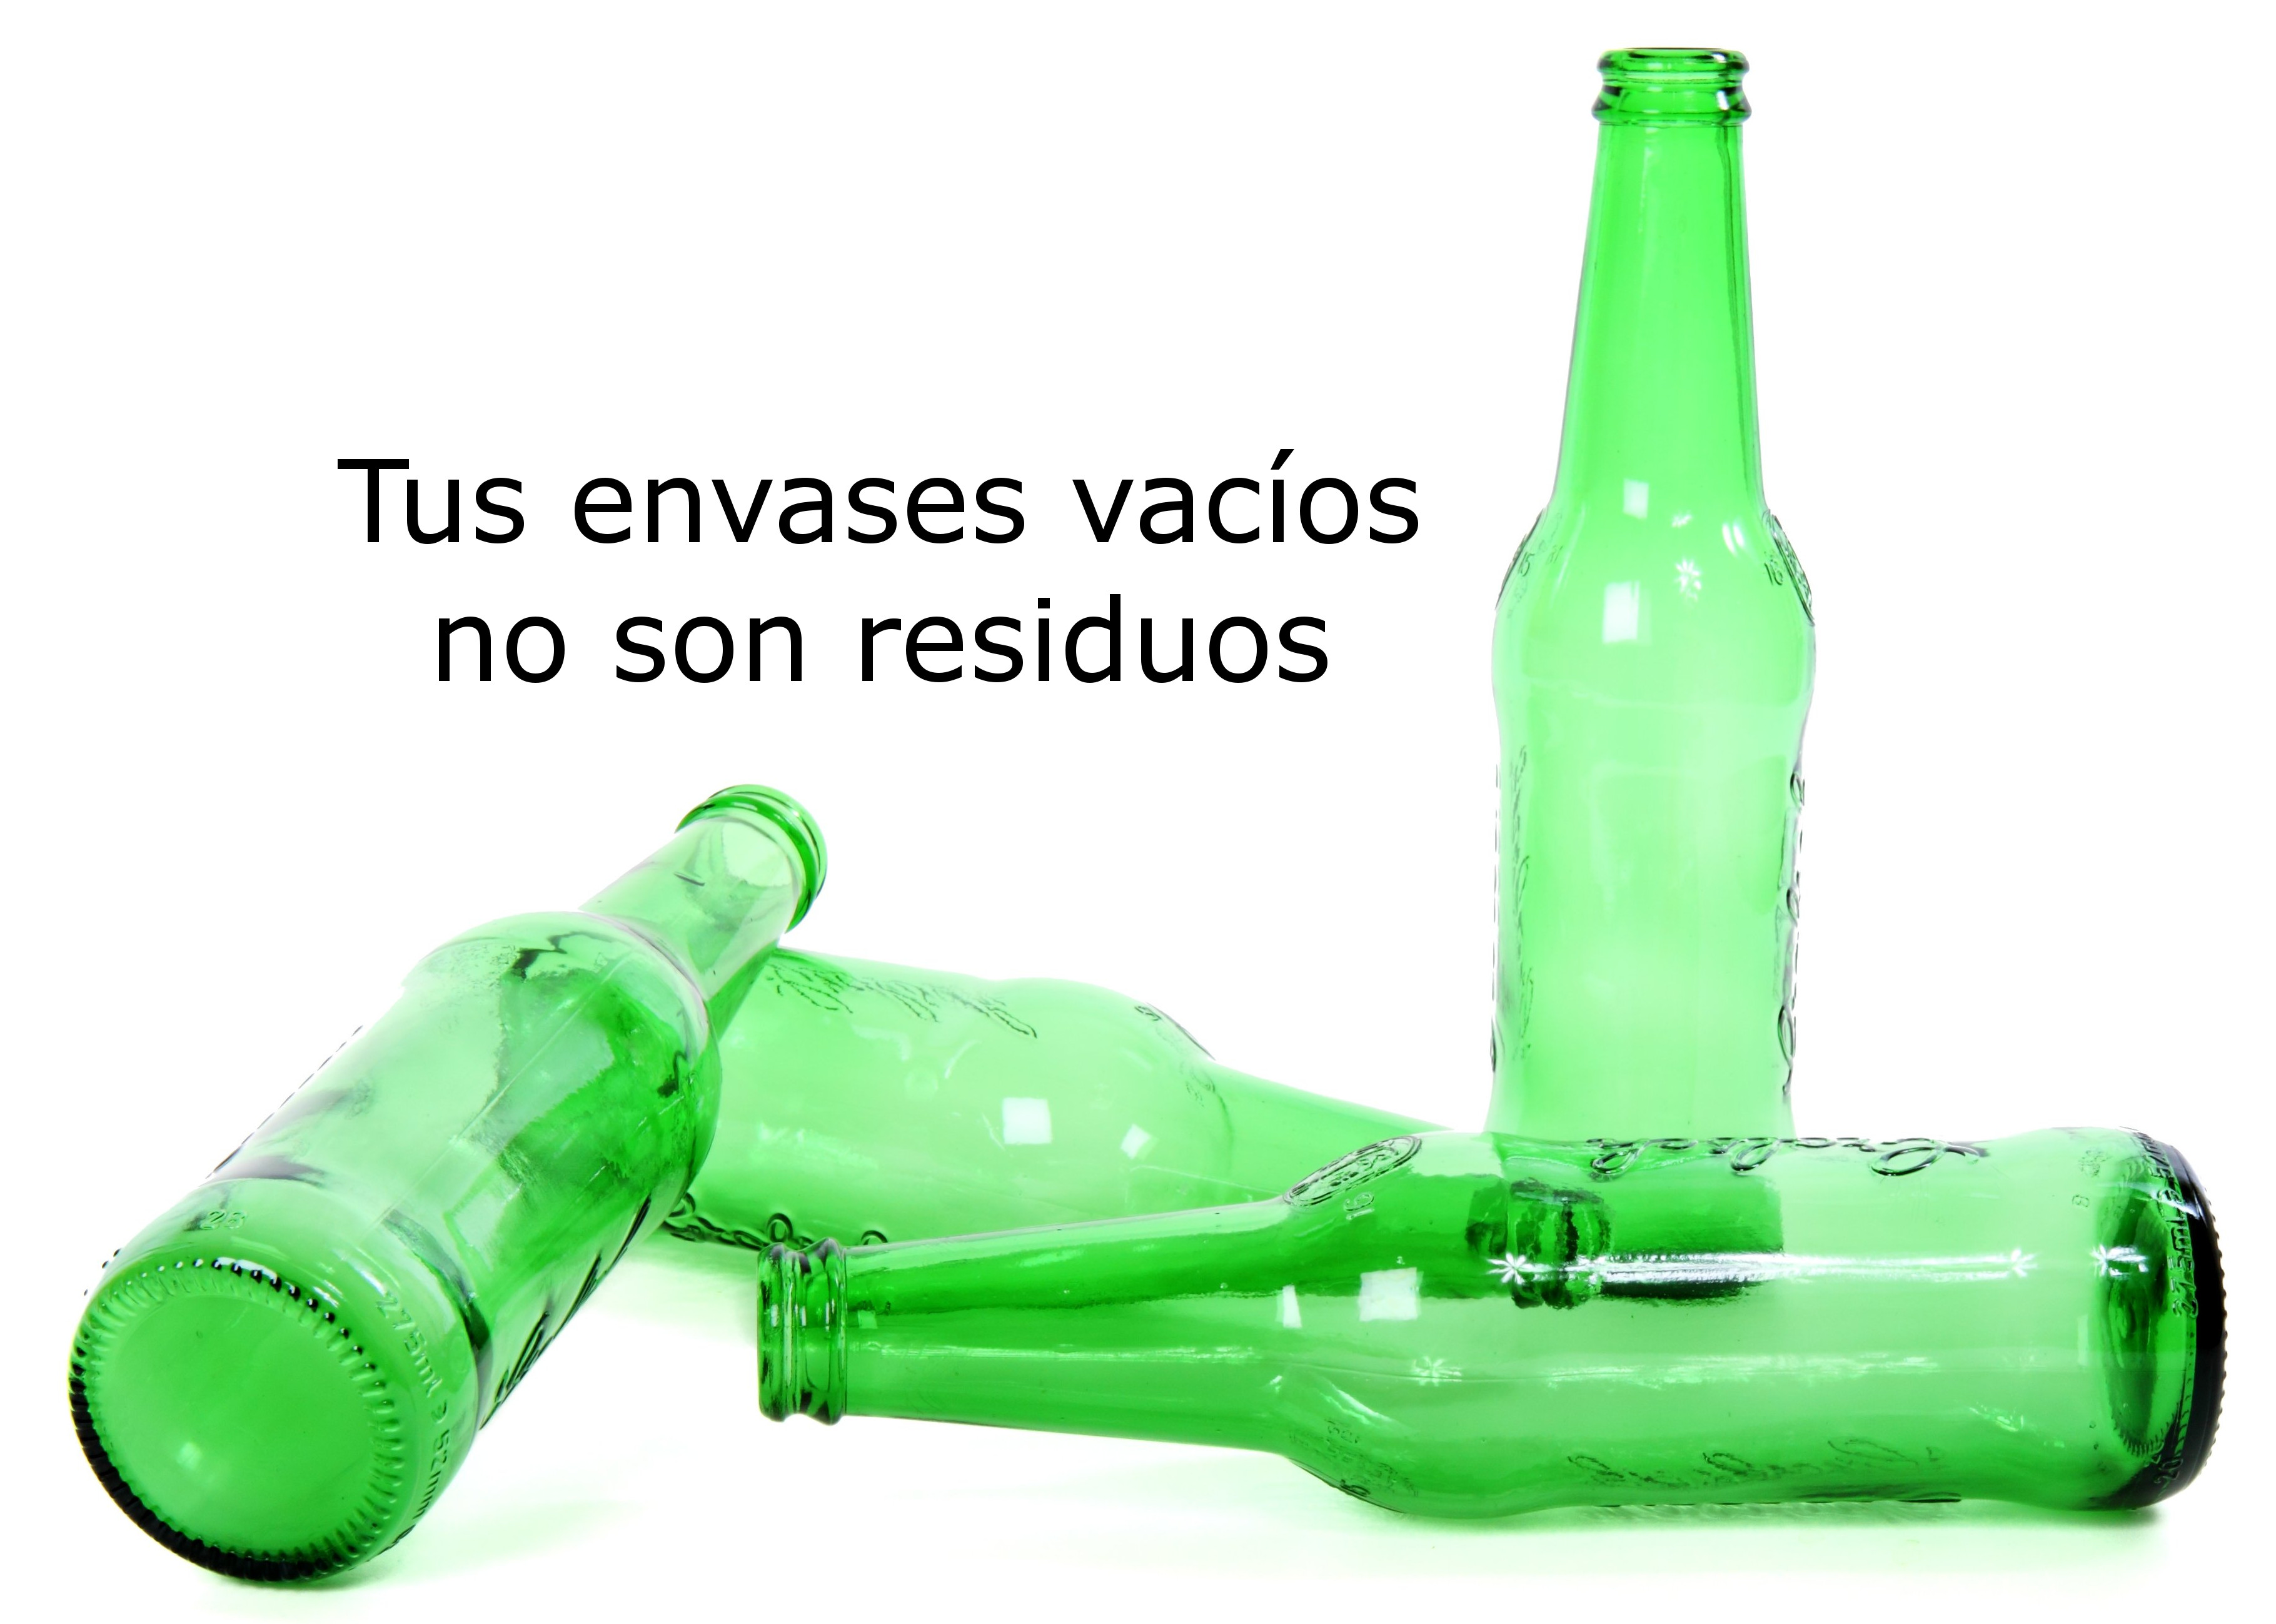 Tus envases vacíos no son residuos